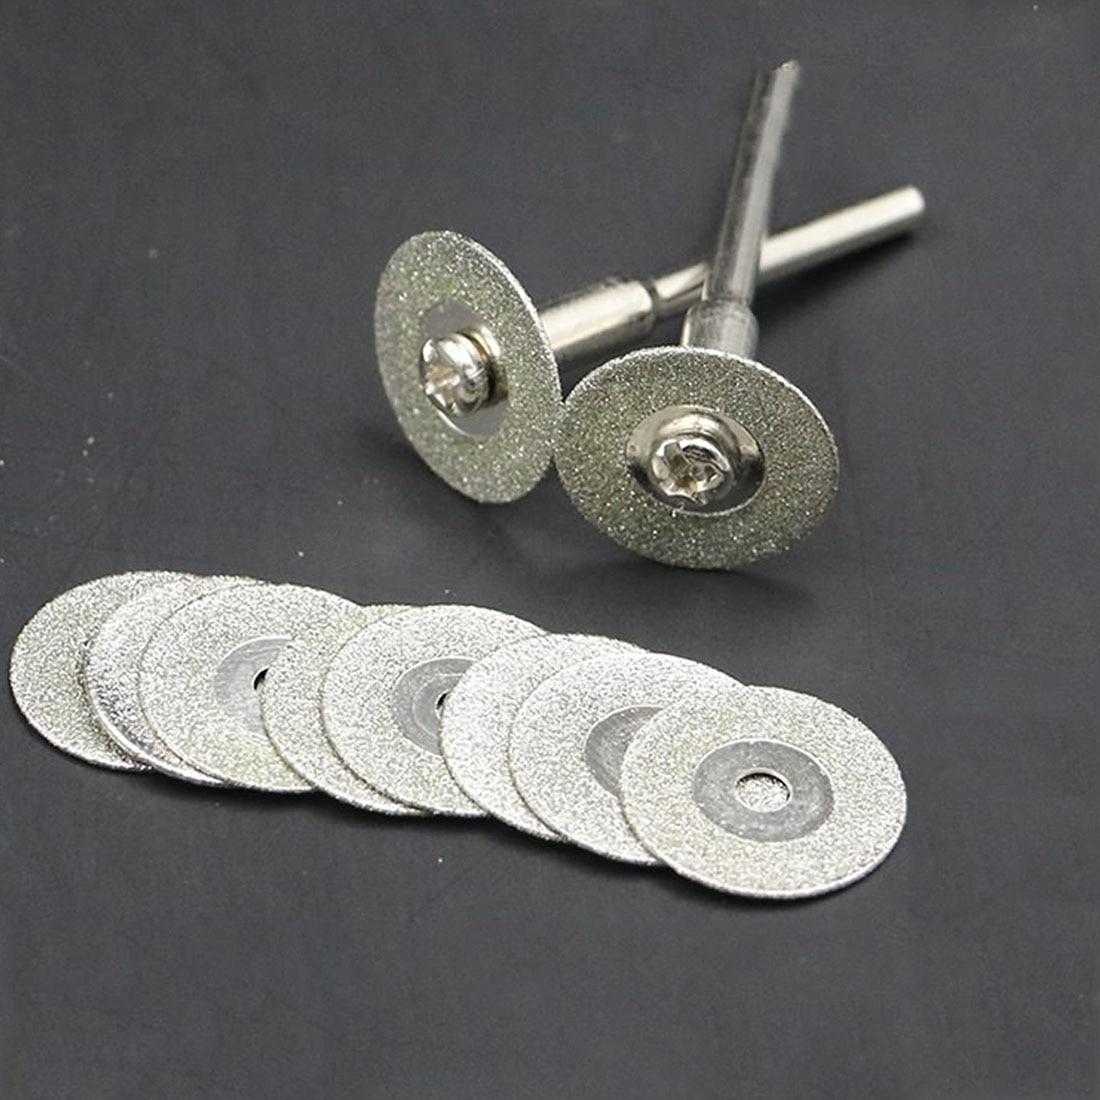 Алмазный режущий диск 60 мм для мини-дрели, инструменты для дрели, алмазный диск, стальной вращающийся инструмент, циркулярная пила, абразивная пила